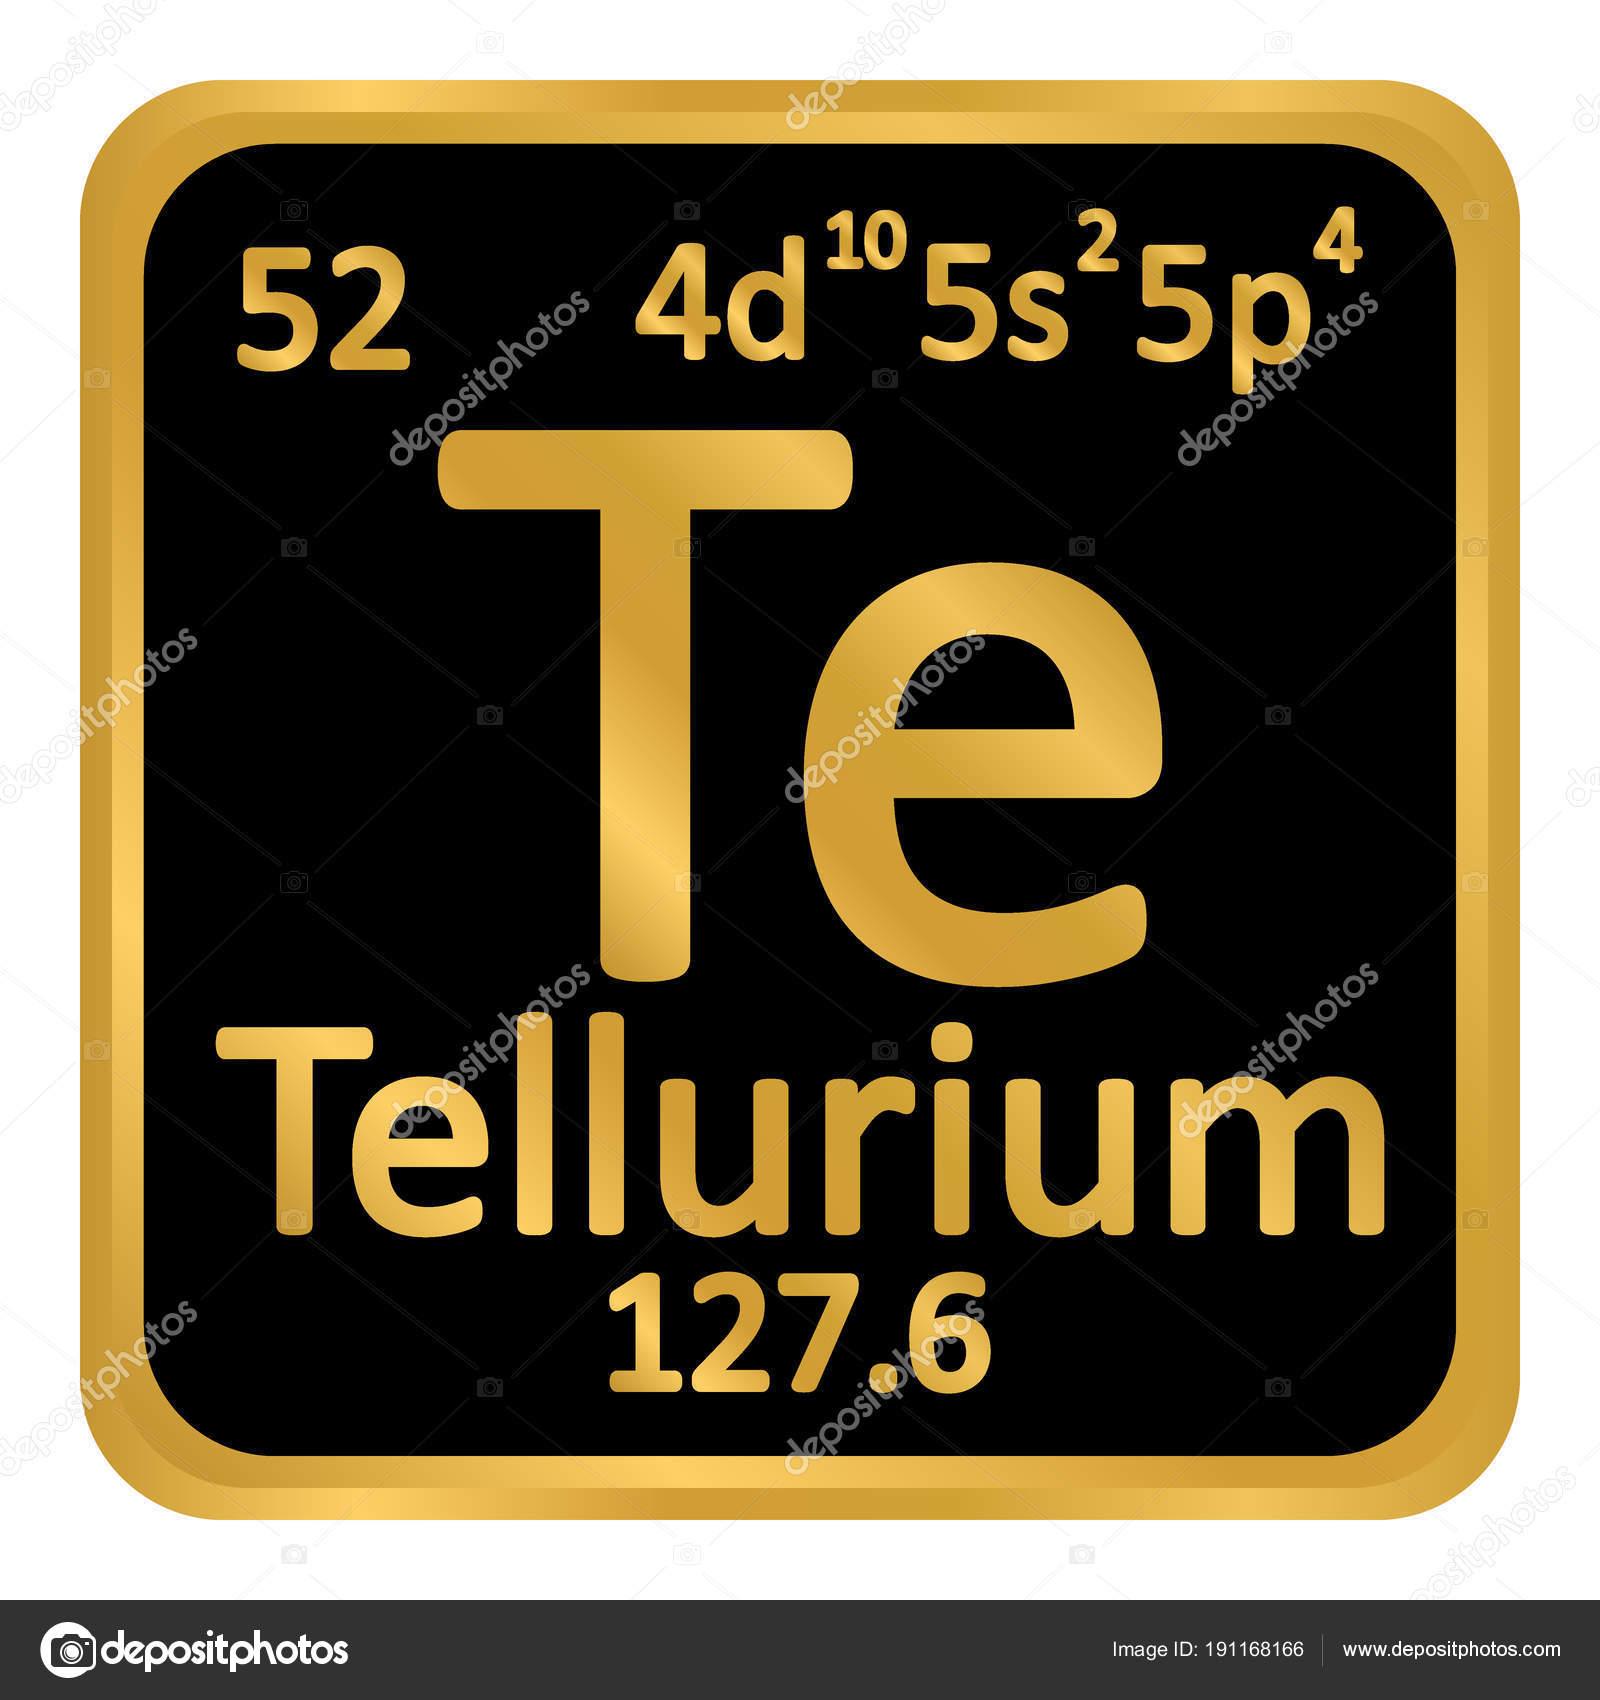 Icono de tabla periodica elemento telurio archivo imgenes icono de tabla periodica elemento telurio archivo imgenes vectoriales urtaz Gallery